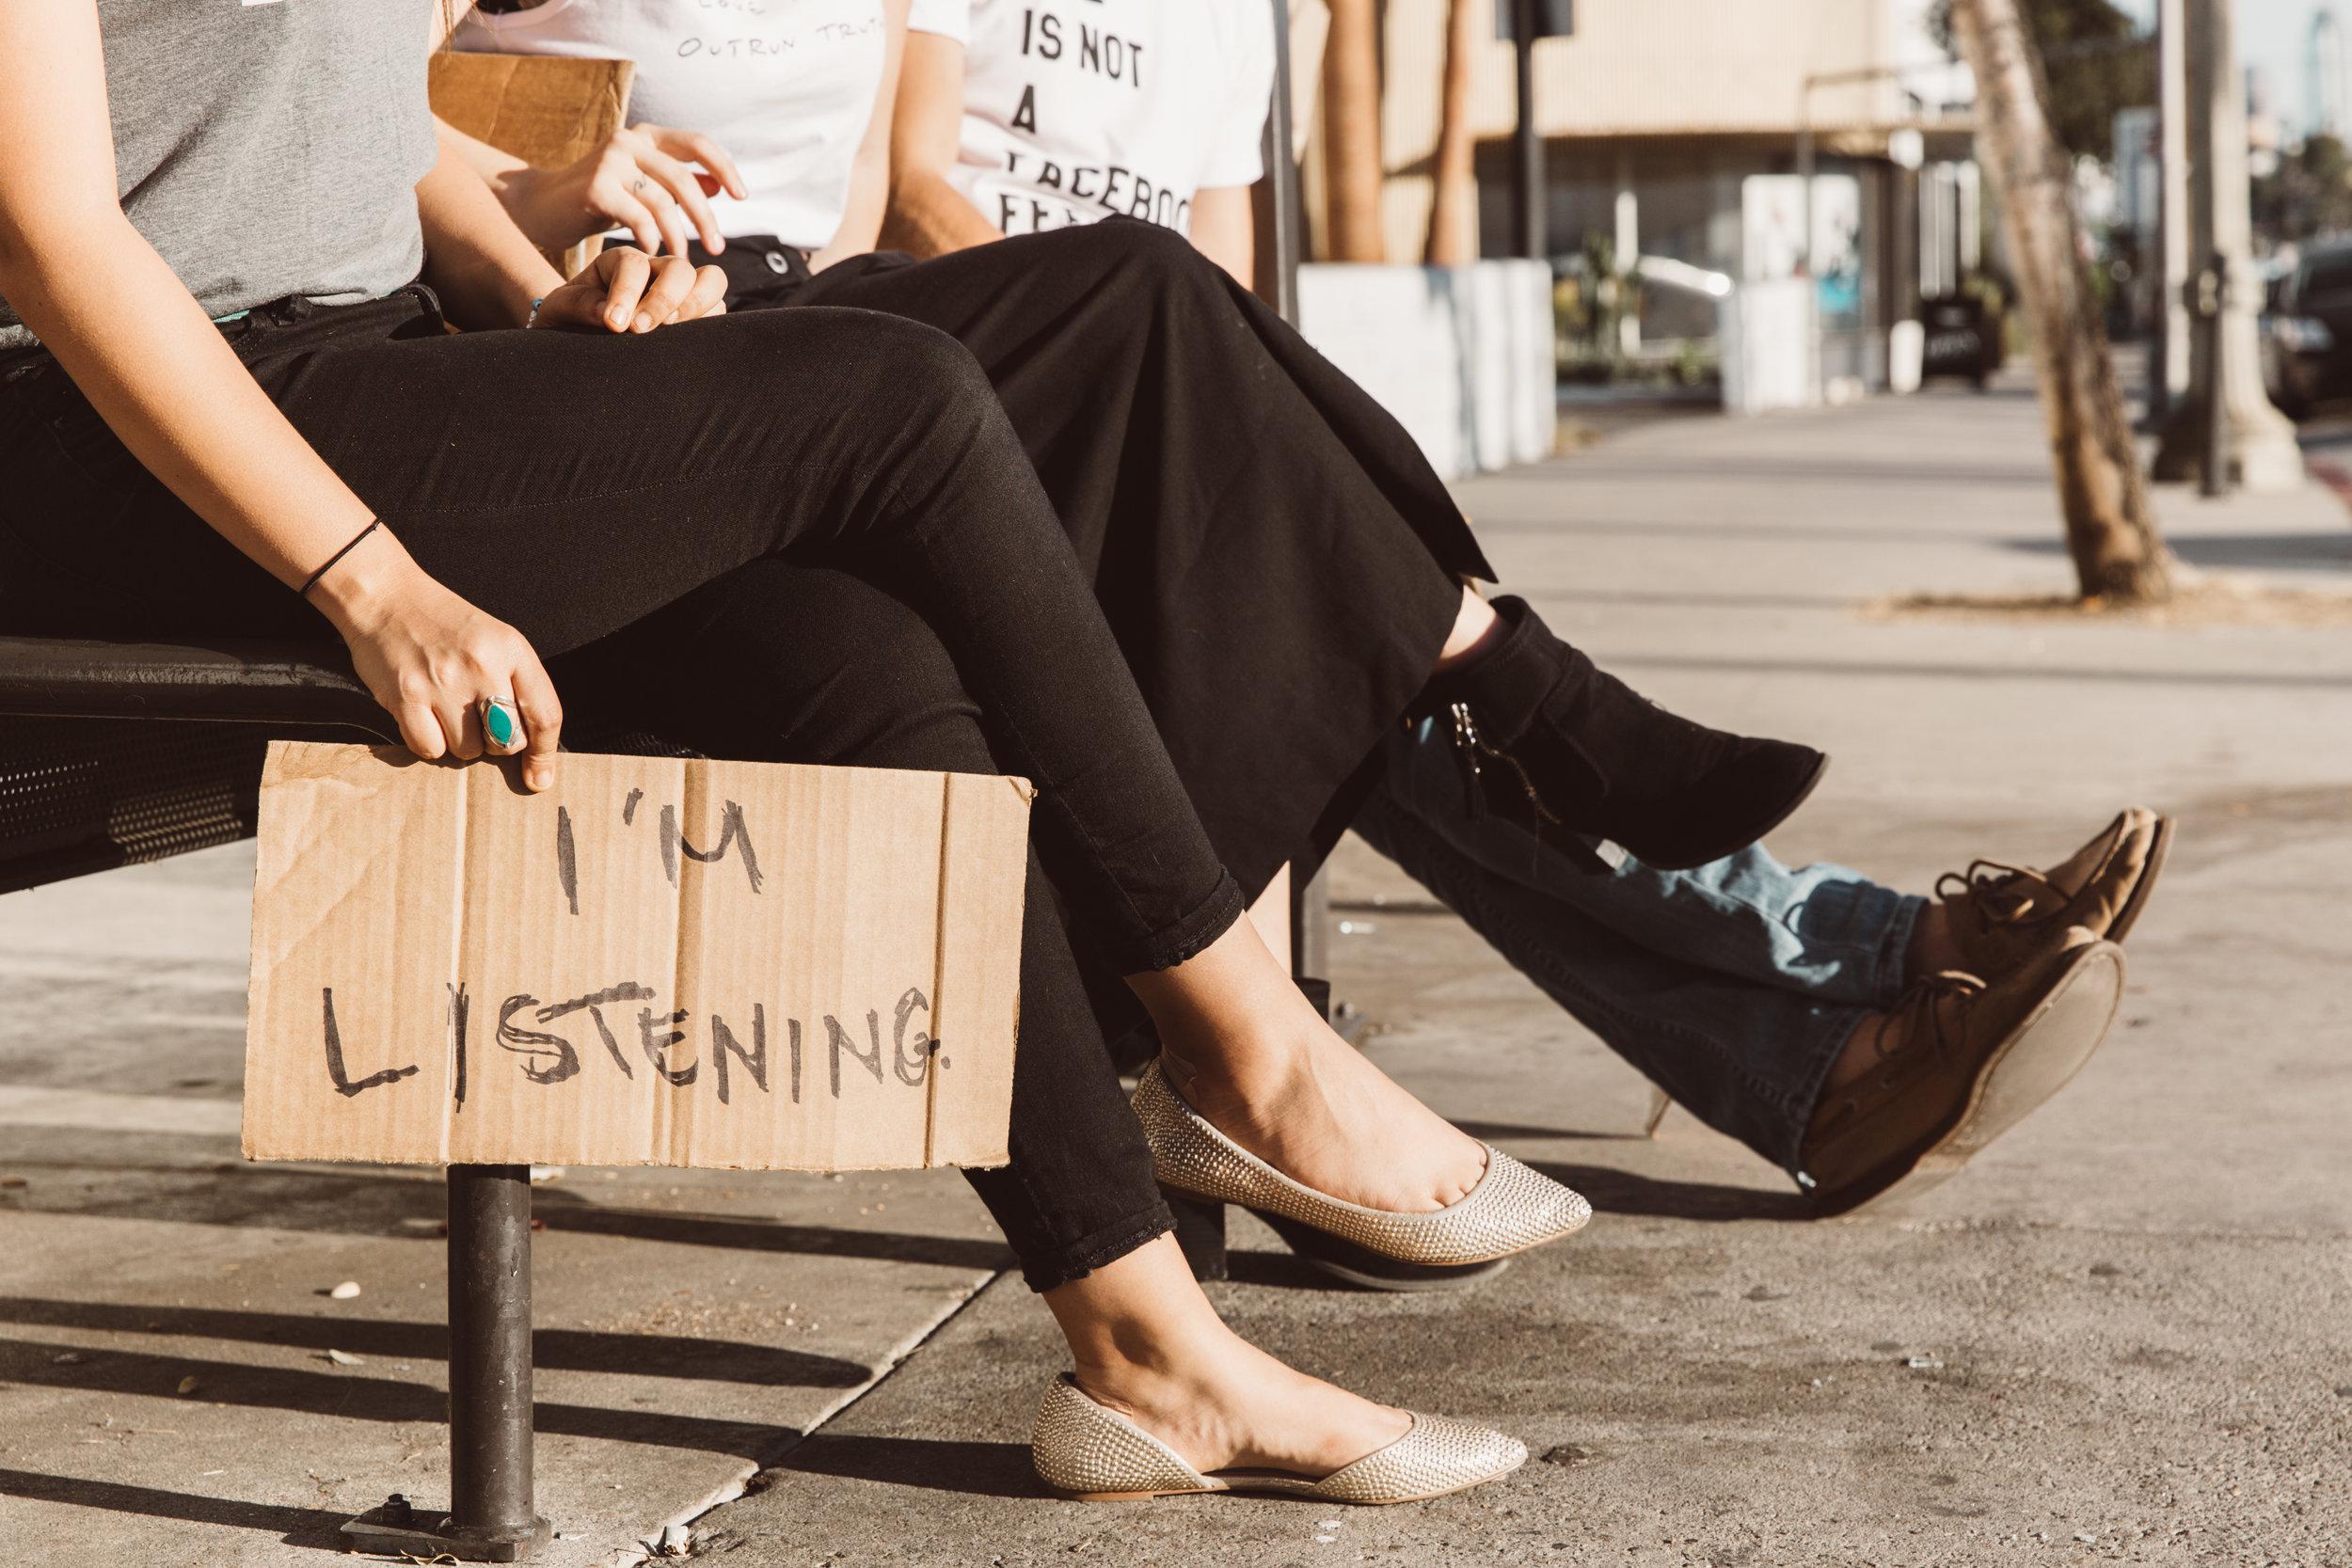 urbanconfessional-listen-nonprofit-aliciachandler-25.jpg